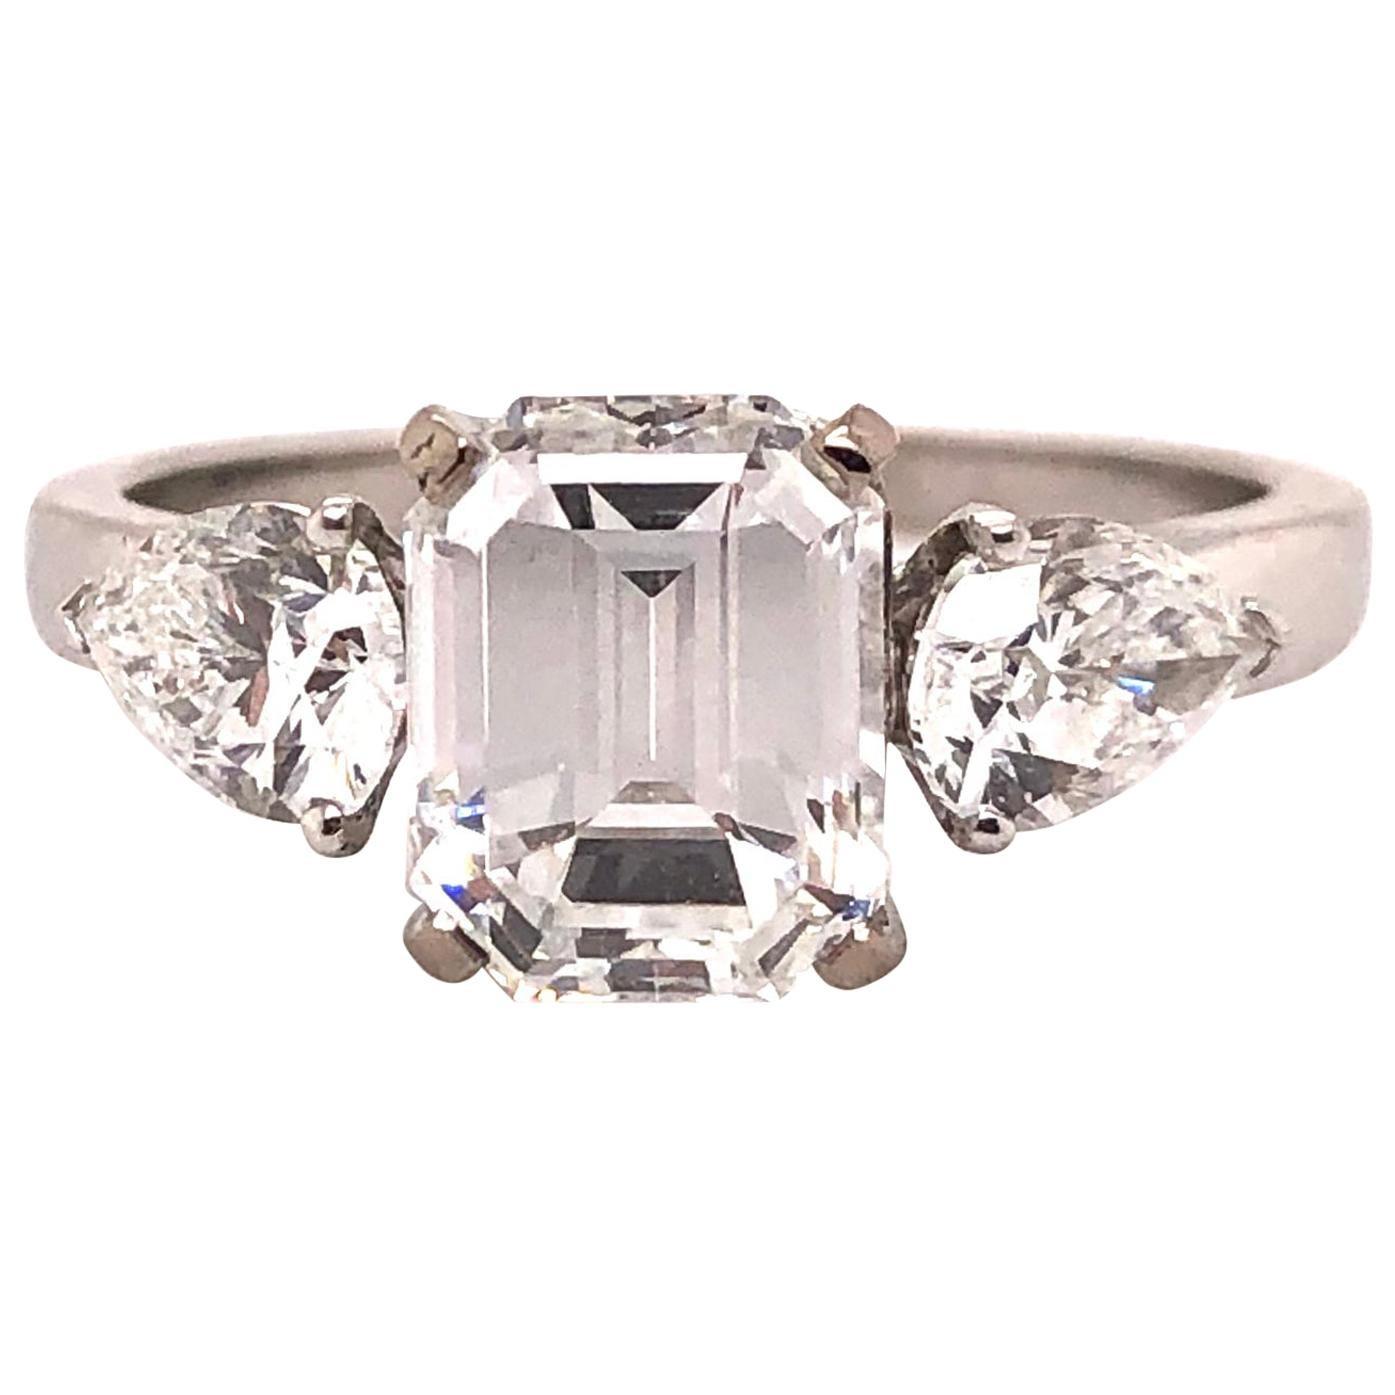 1.91 Carat E VVS2 GIA Certified Emerald Cut Diamond Ring